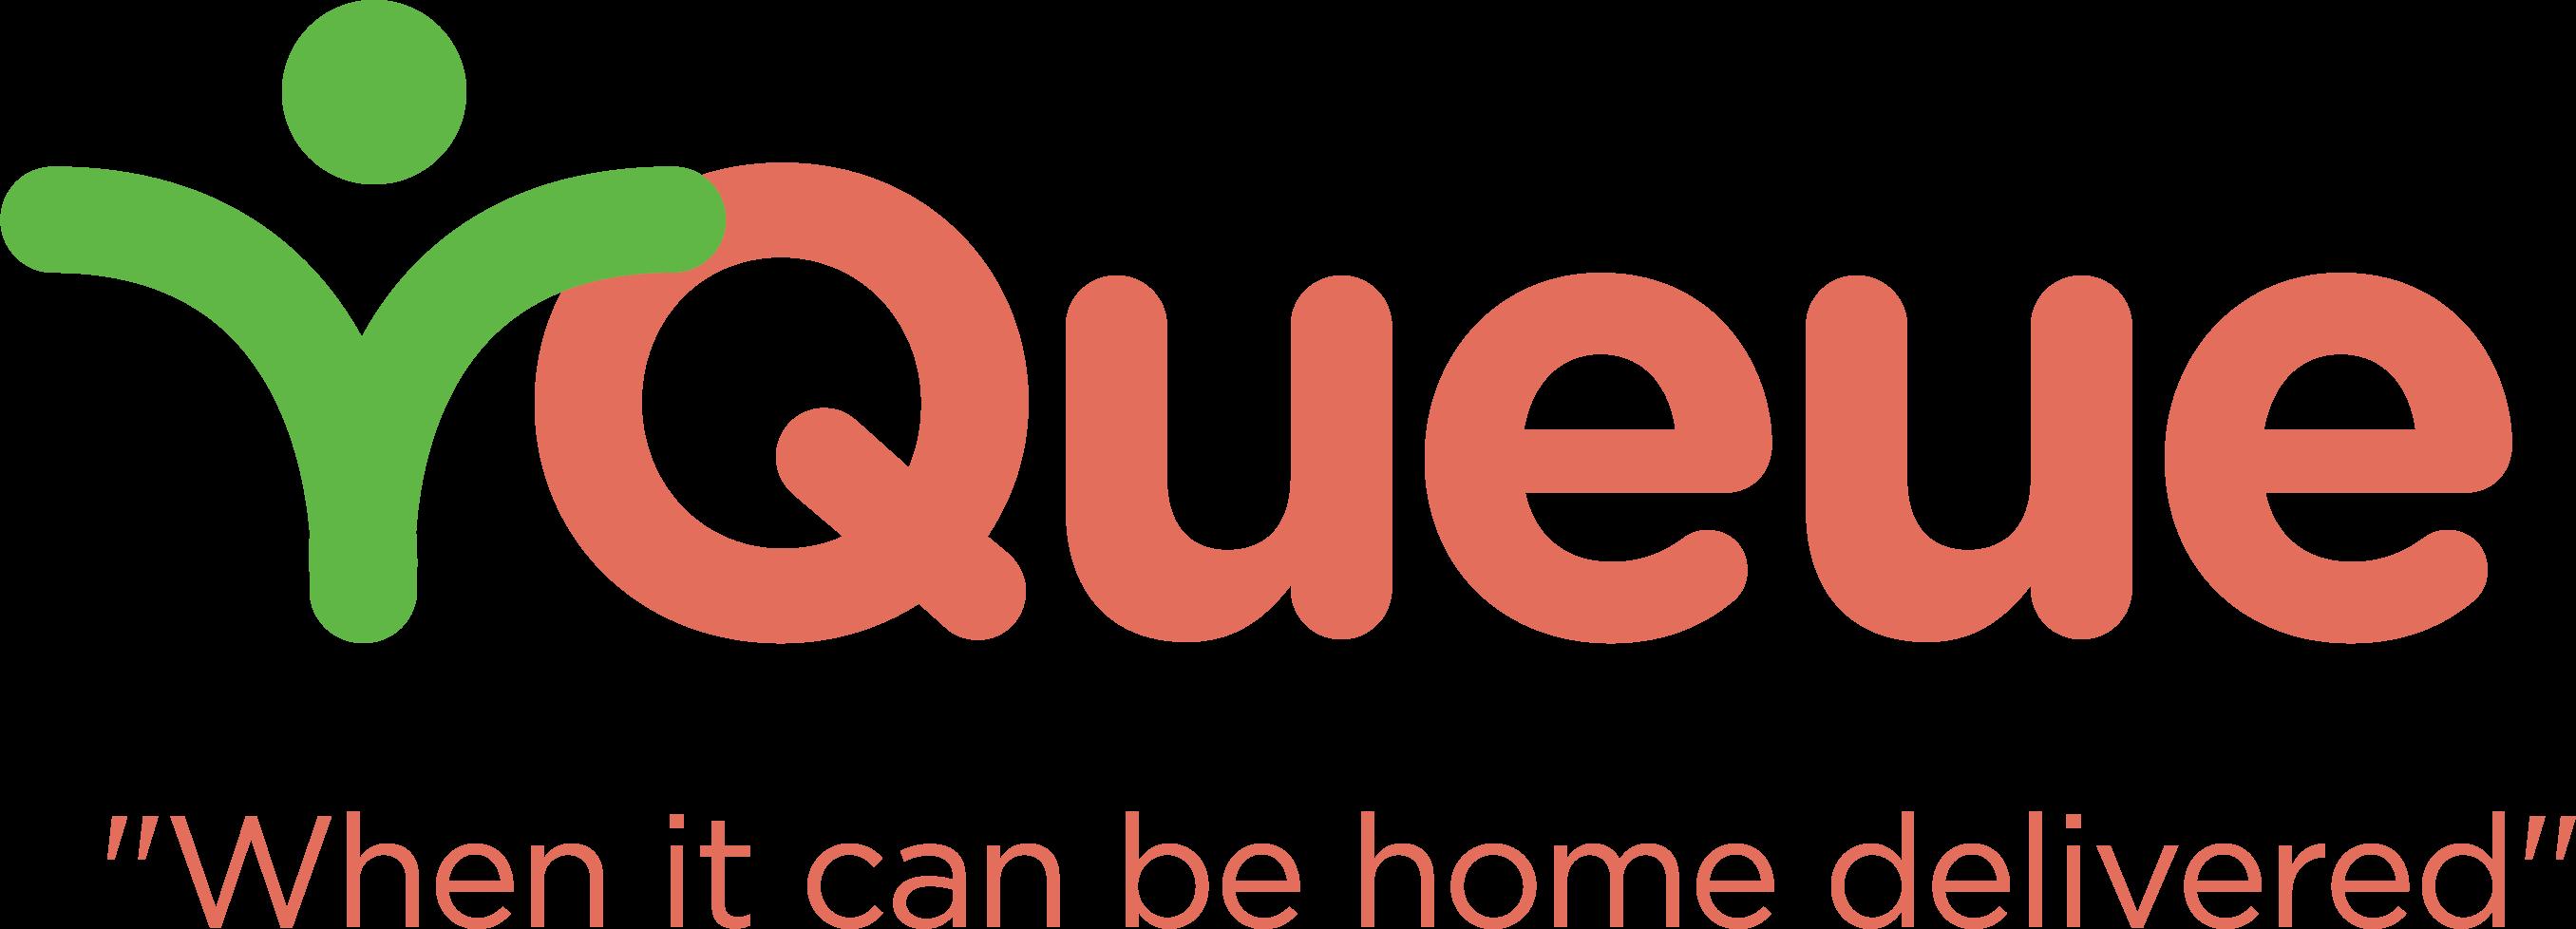 YQueue Home Delivery Logo